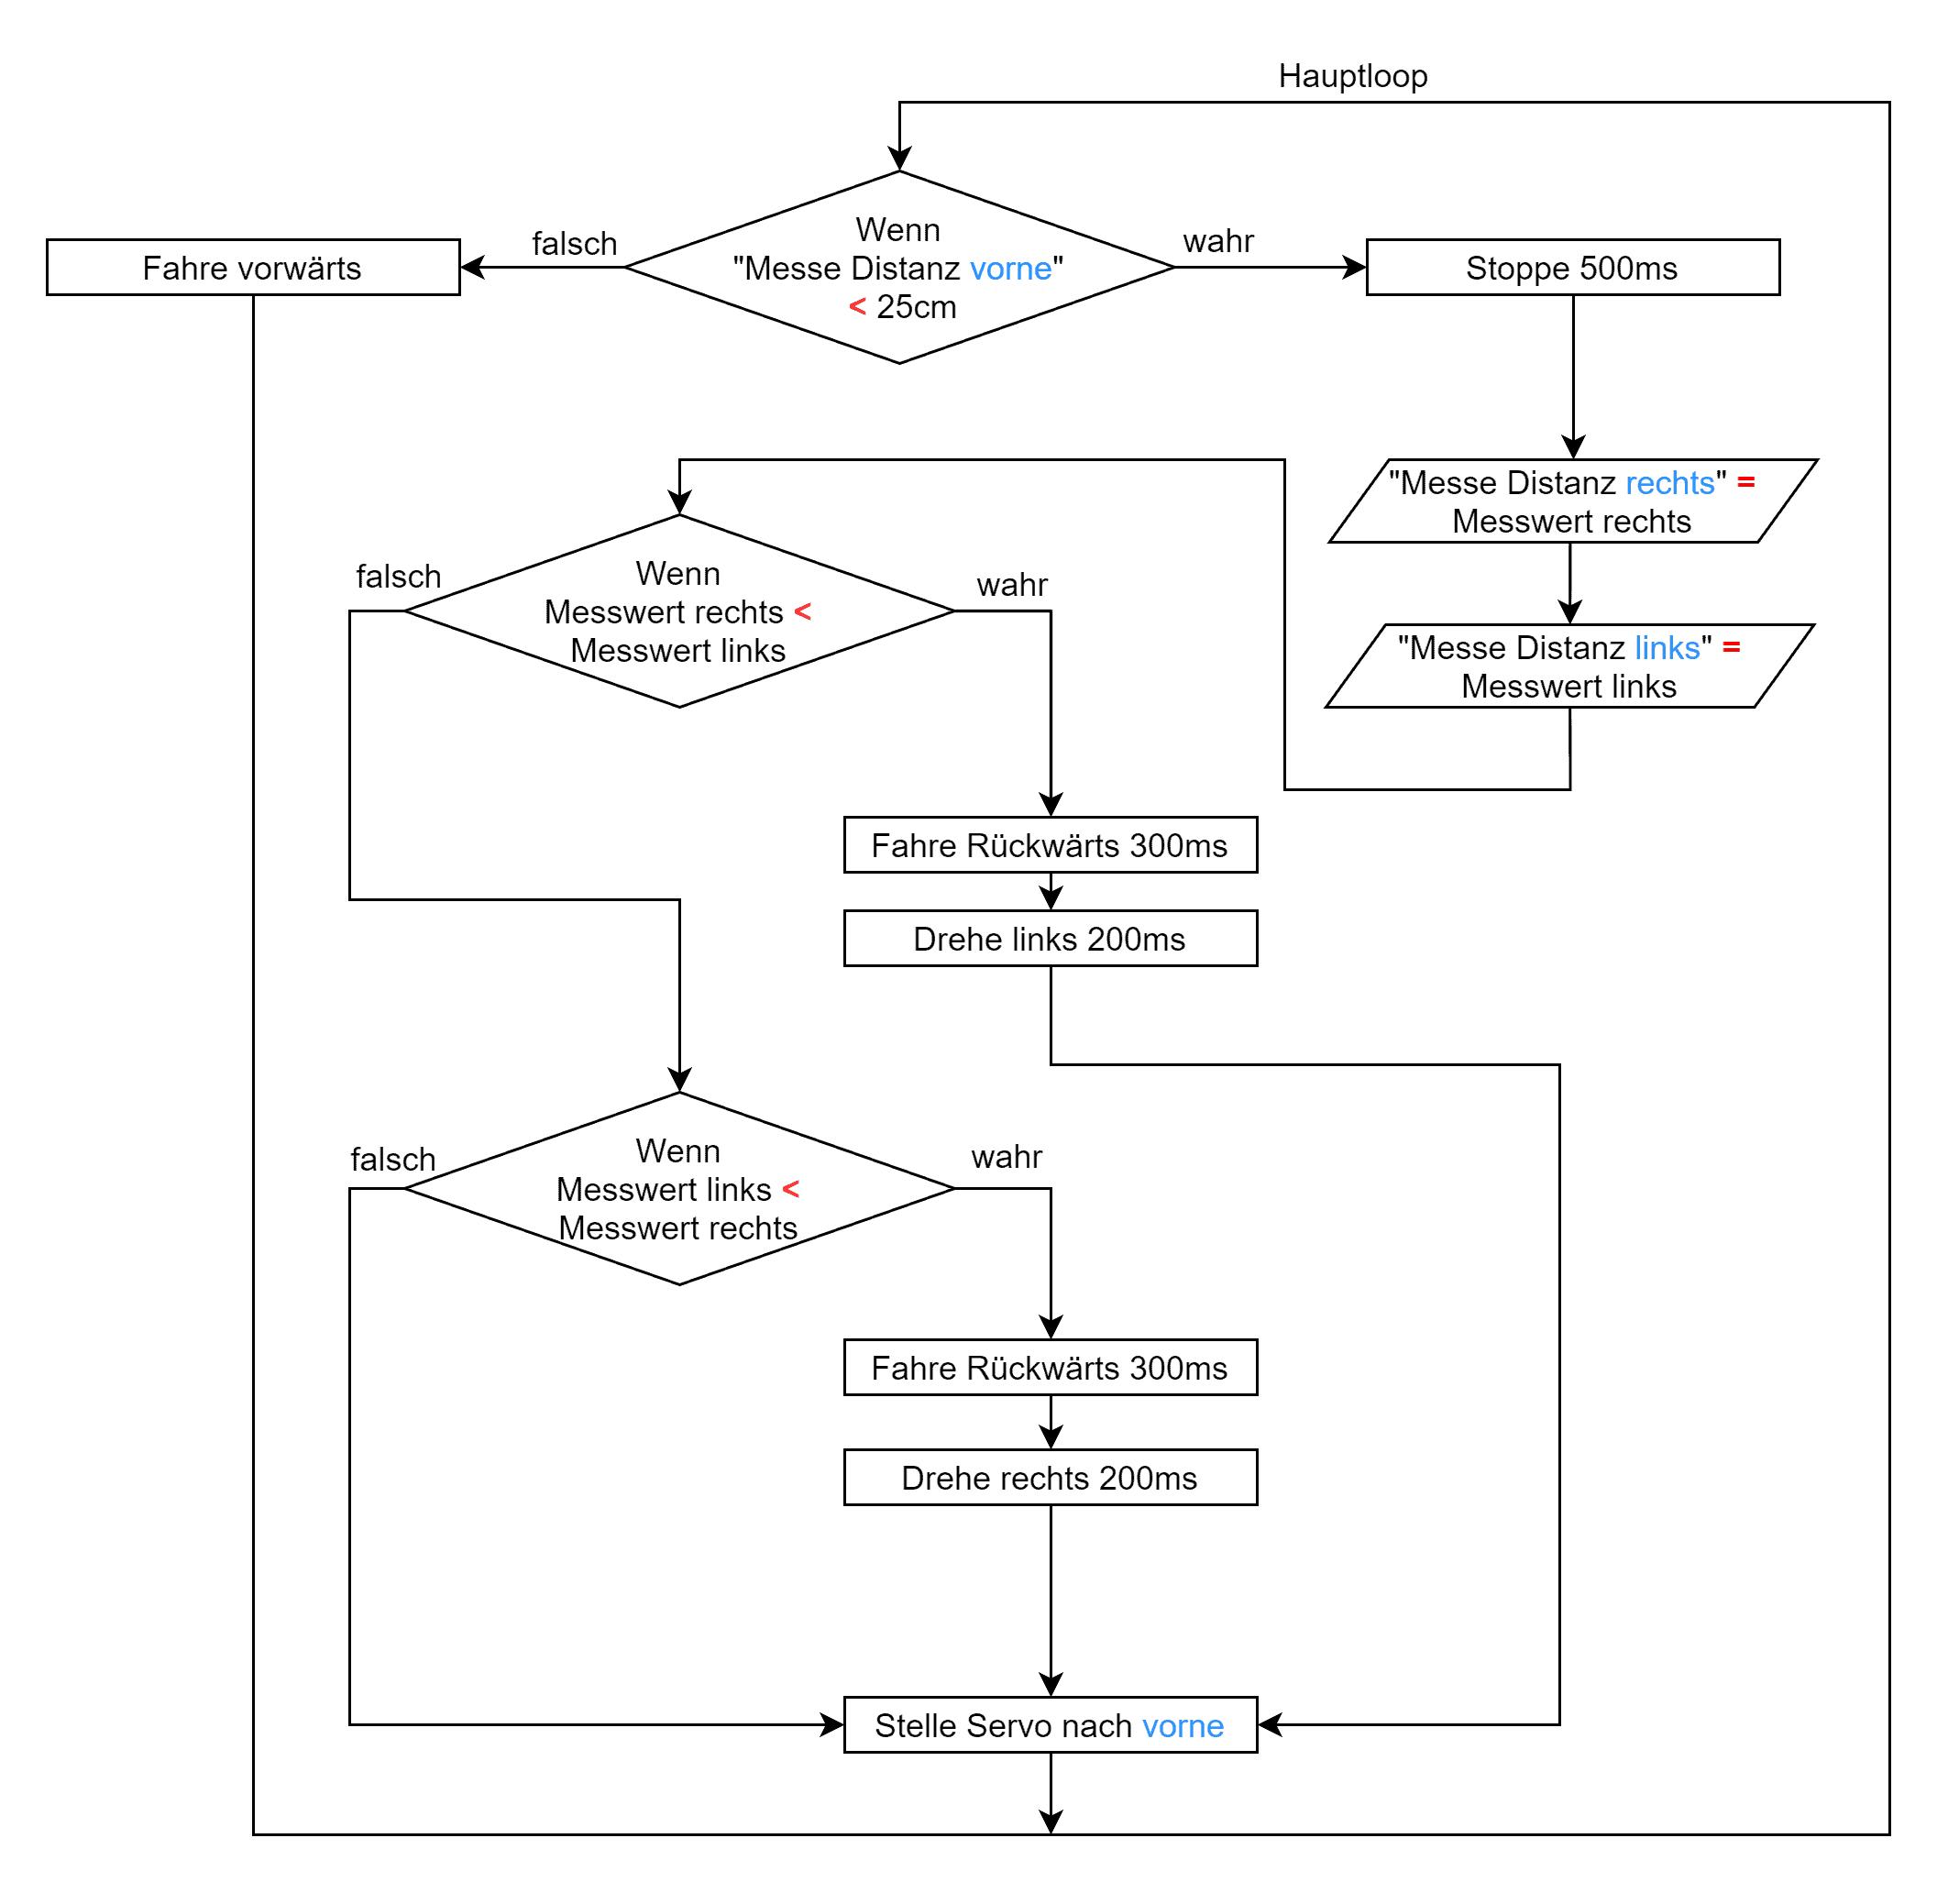 Flussdiagramm Ultraschallsensor autonomes Fahren Level 3